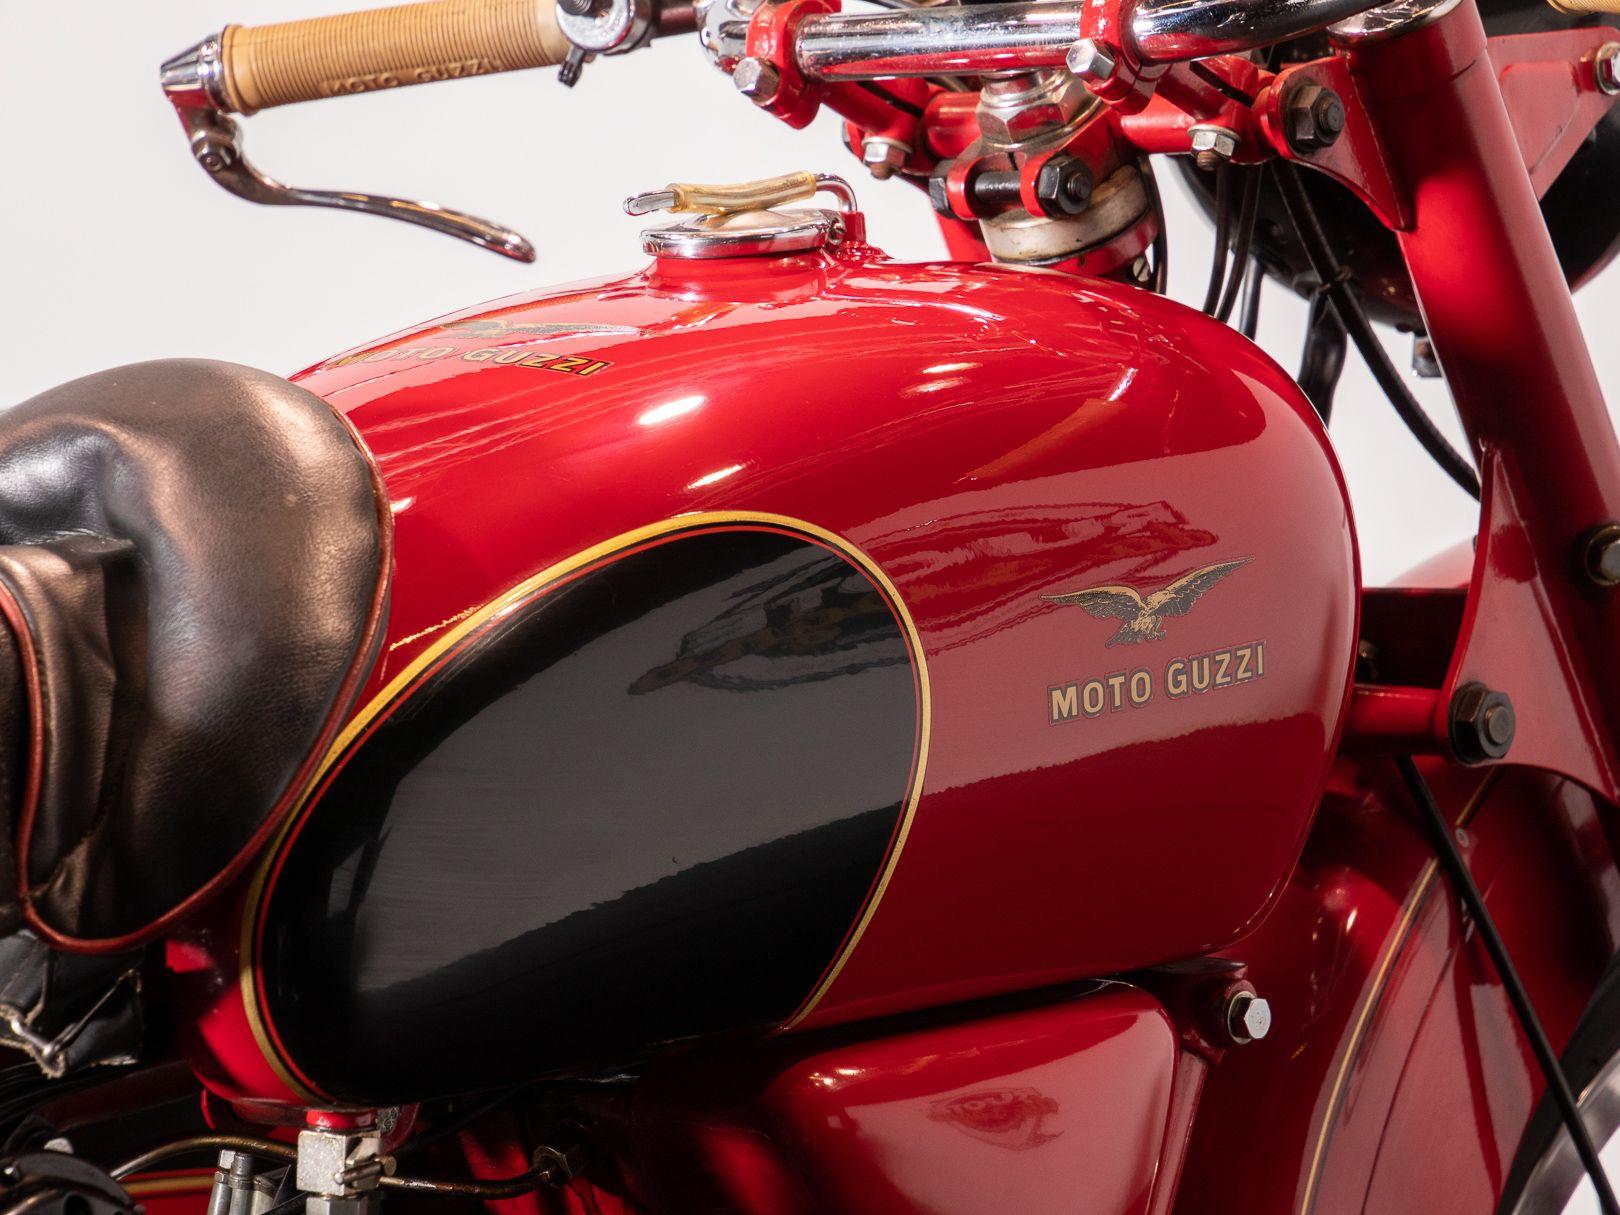 1956 Moto Guzzi 500 FS Sidecar 44978